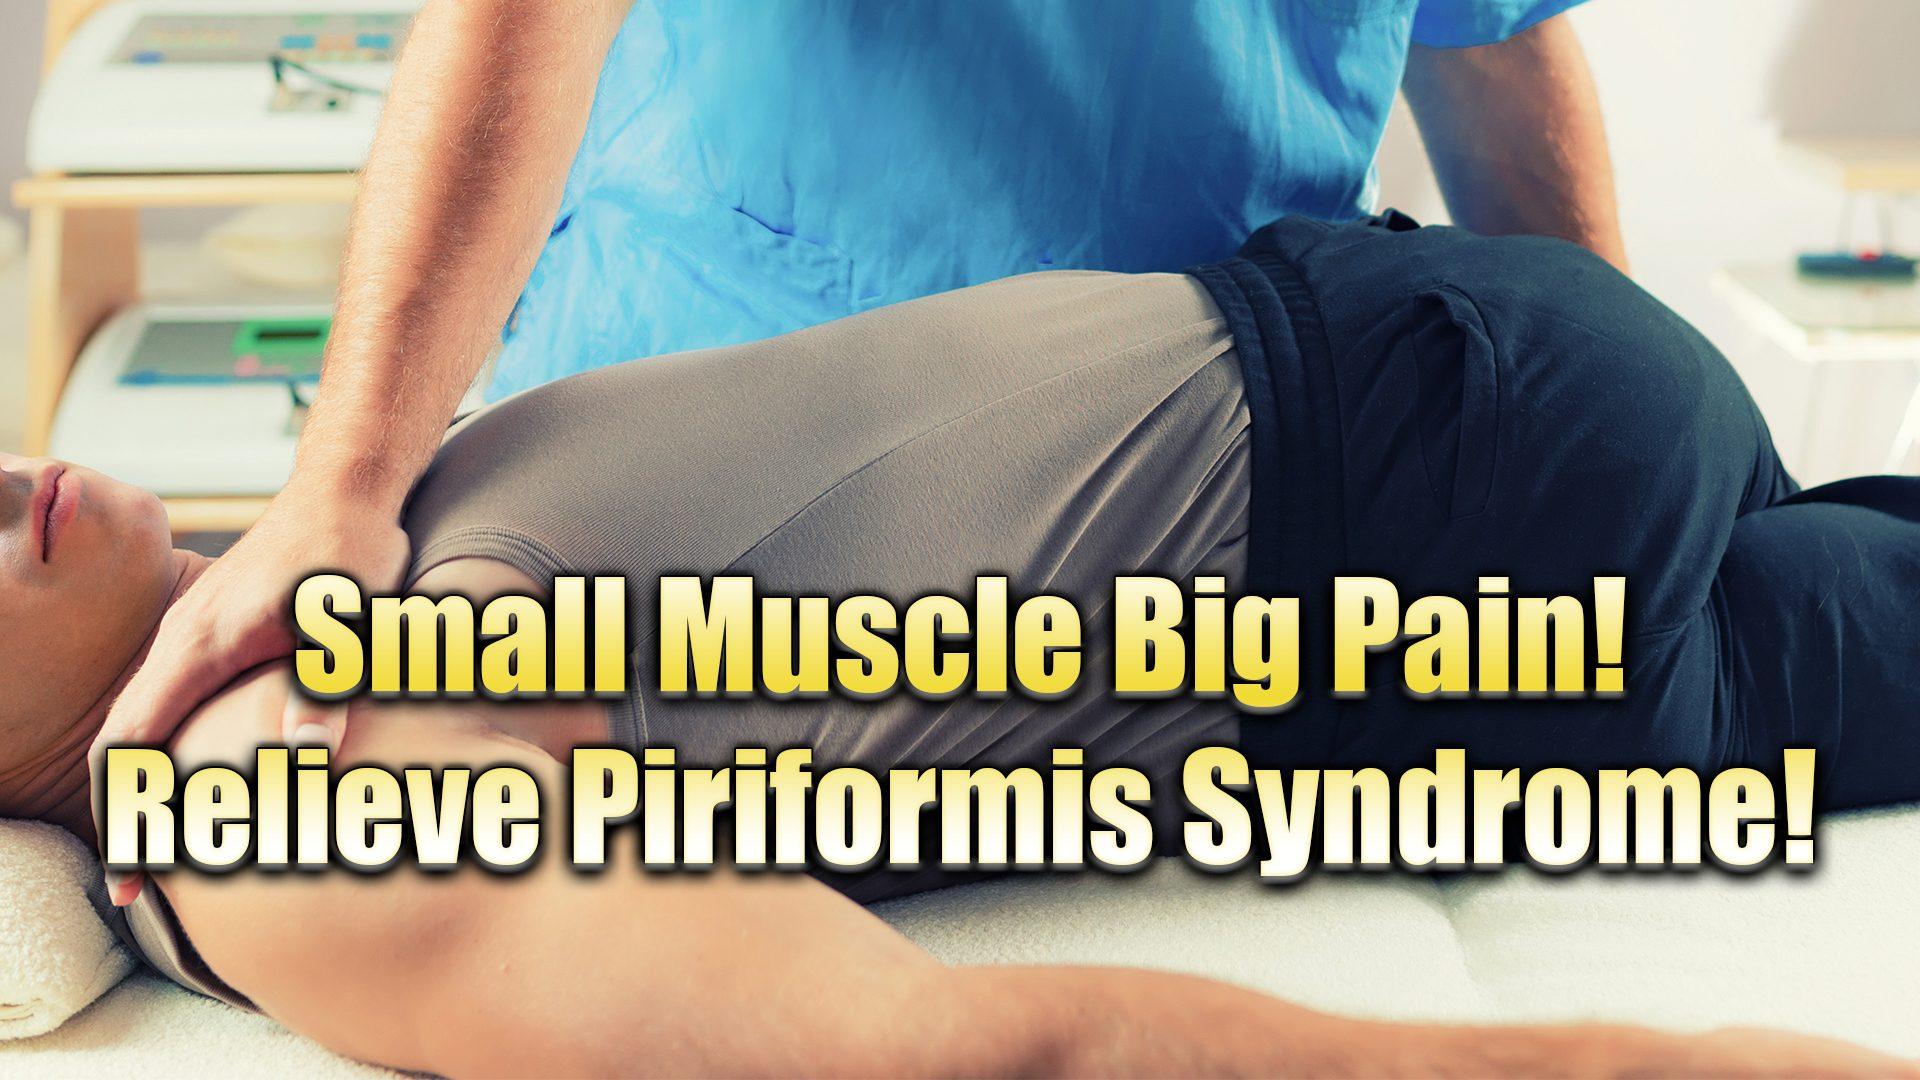 pequeño músculo piriforme síndrome el paso tx.